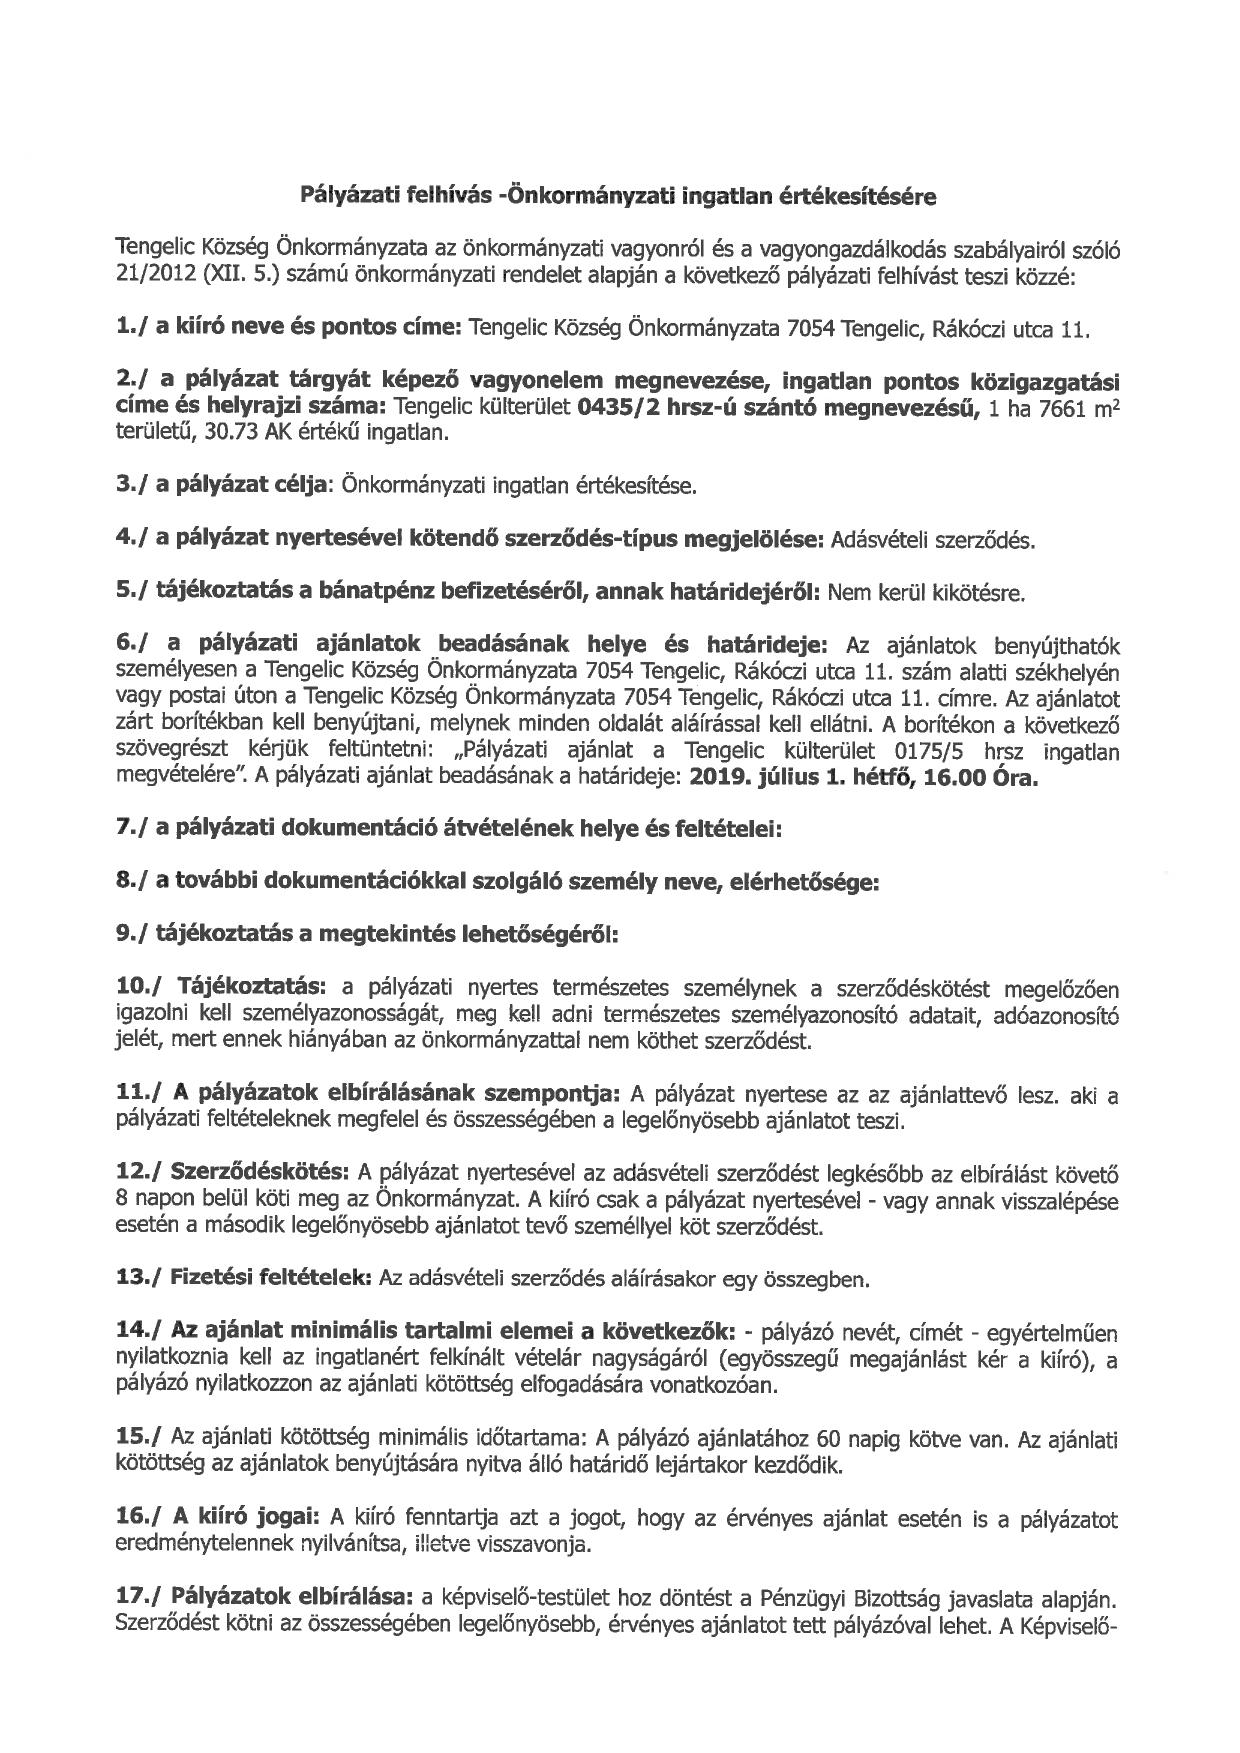 Pályázati felhívás a 0435-2 hrsz-ú önkormányzati ingatlan értékesítésére_page-0001